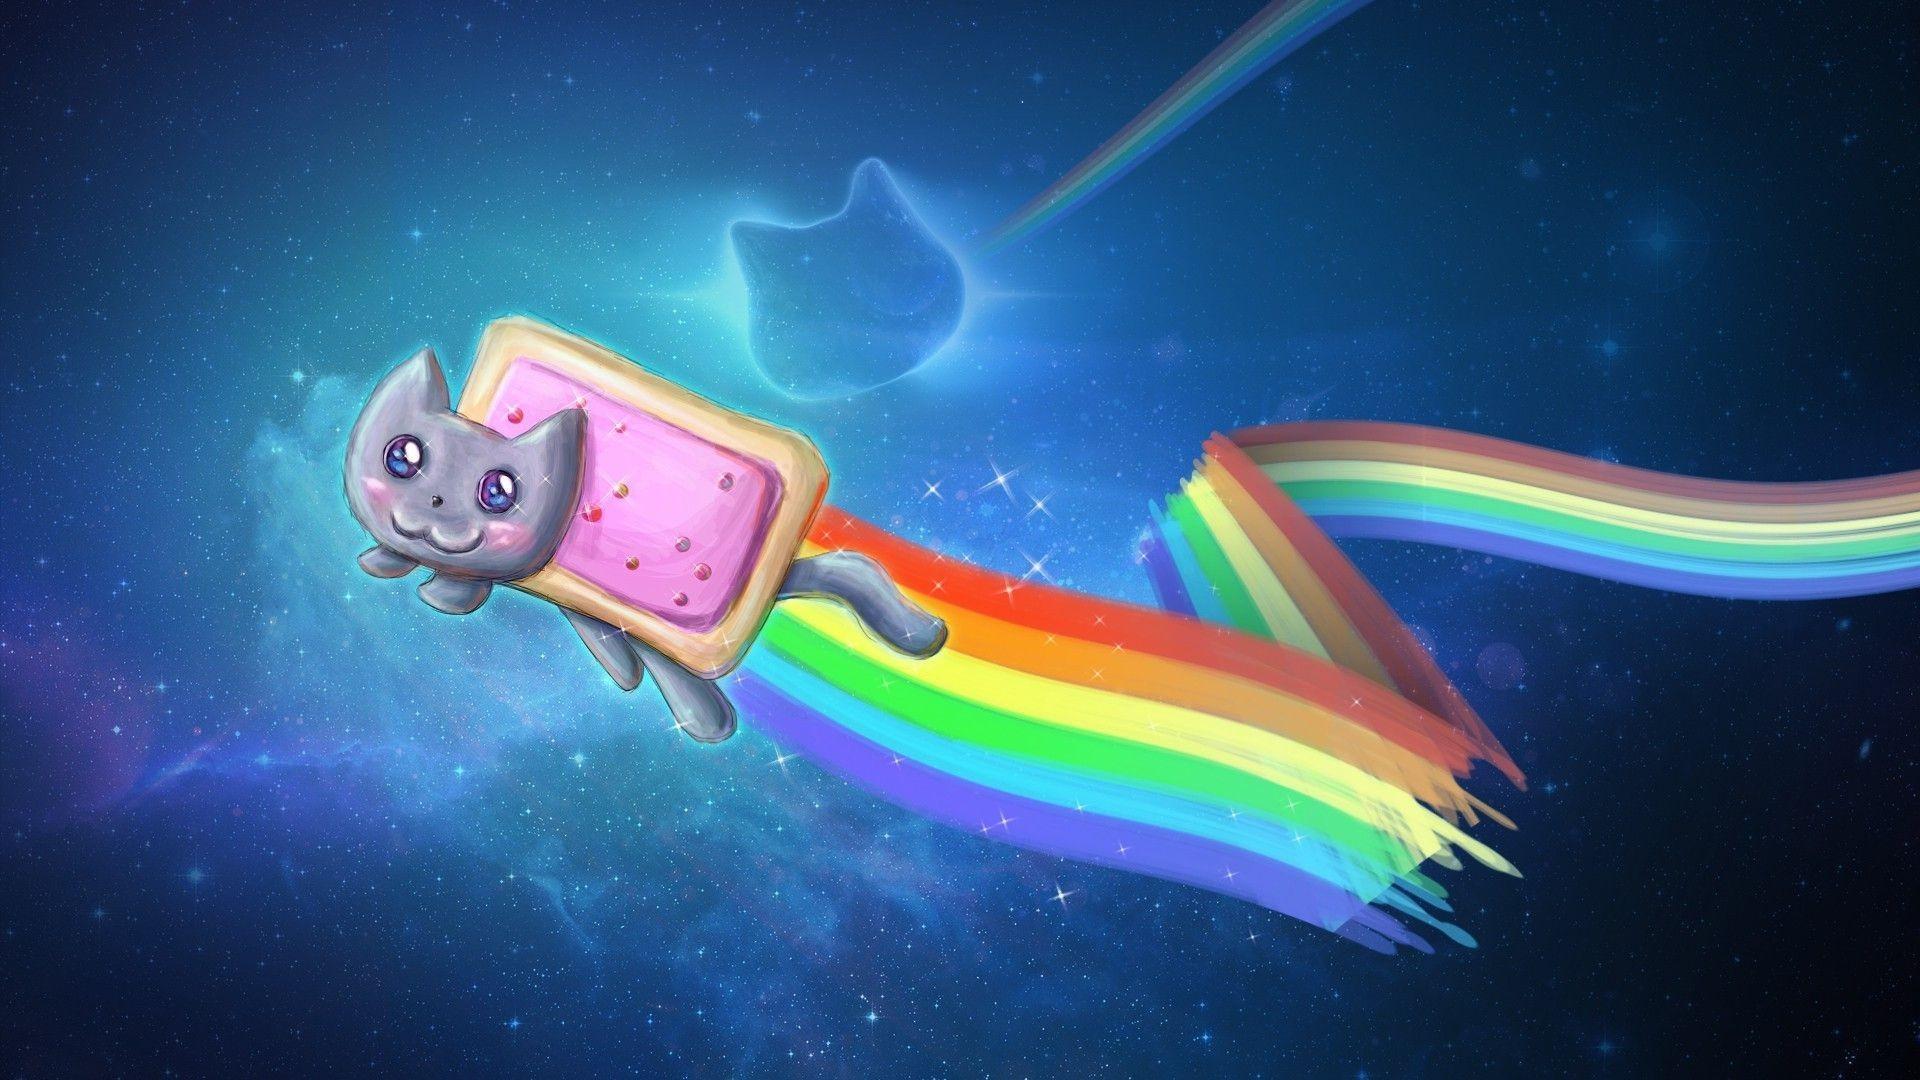 Res: 1920x1080, Download wallpaper Nyan Cat: Full ...